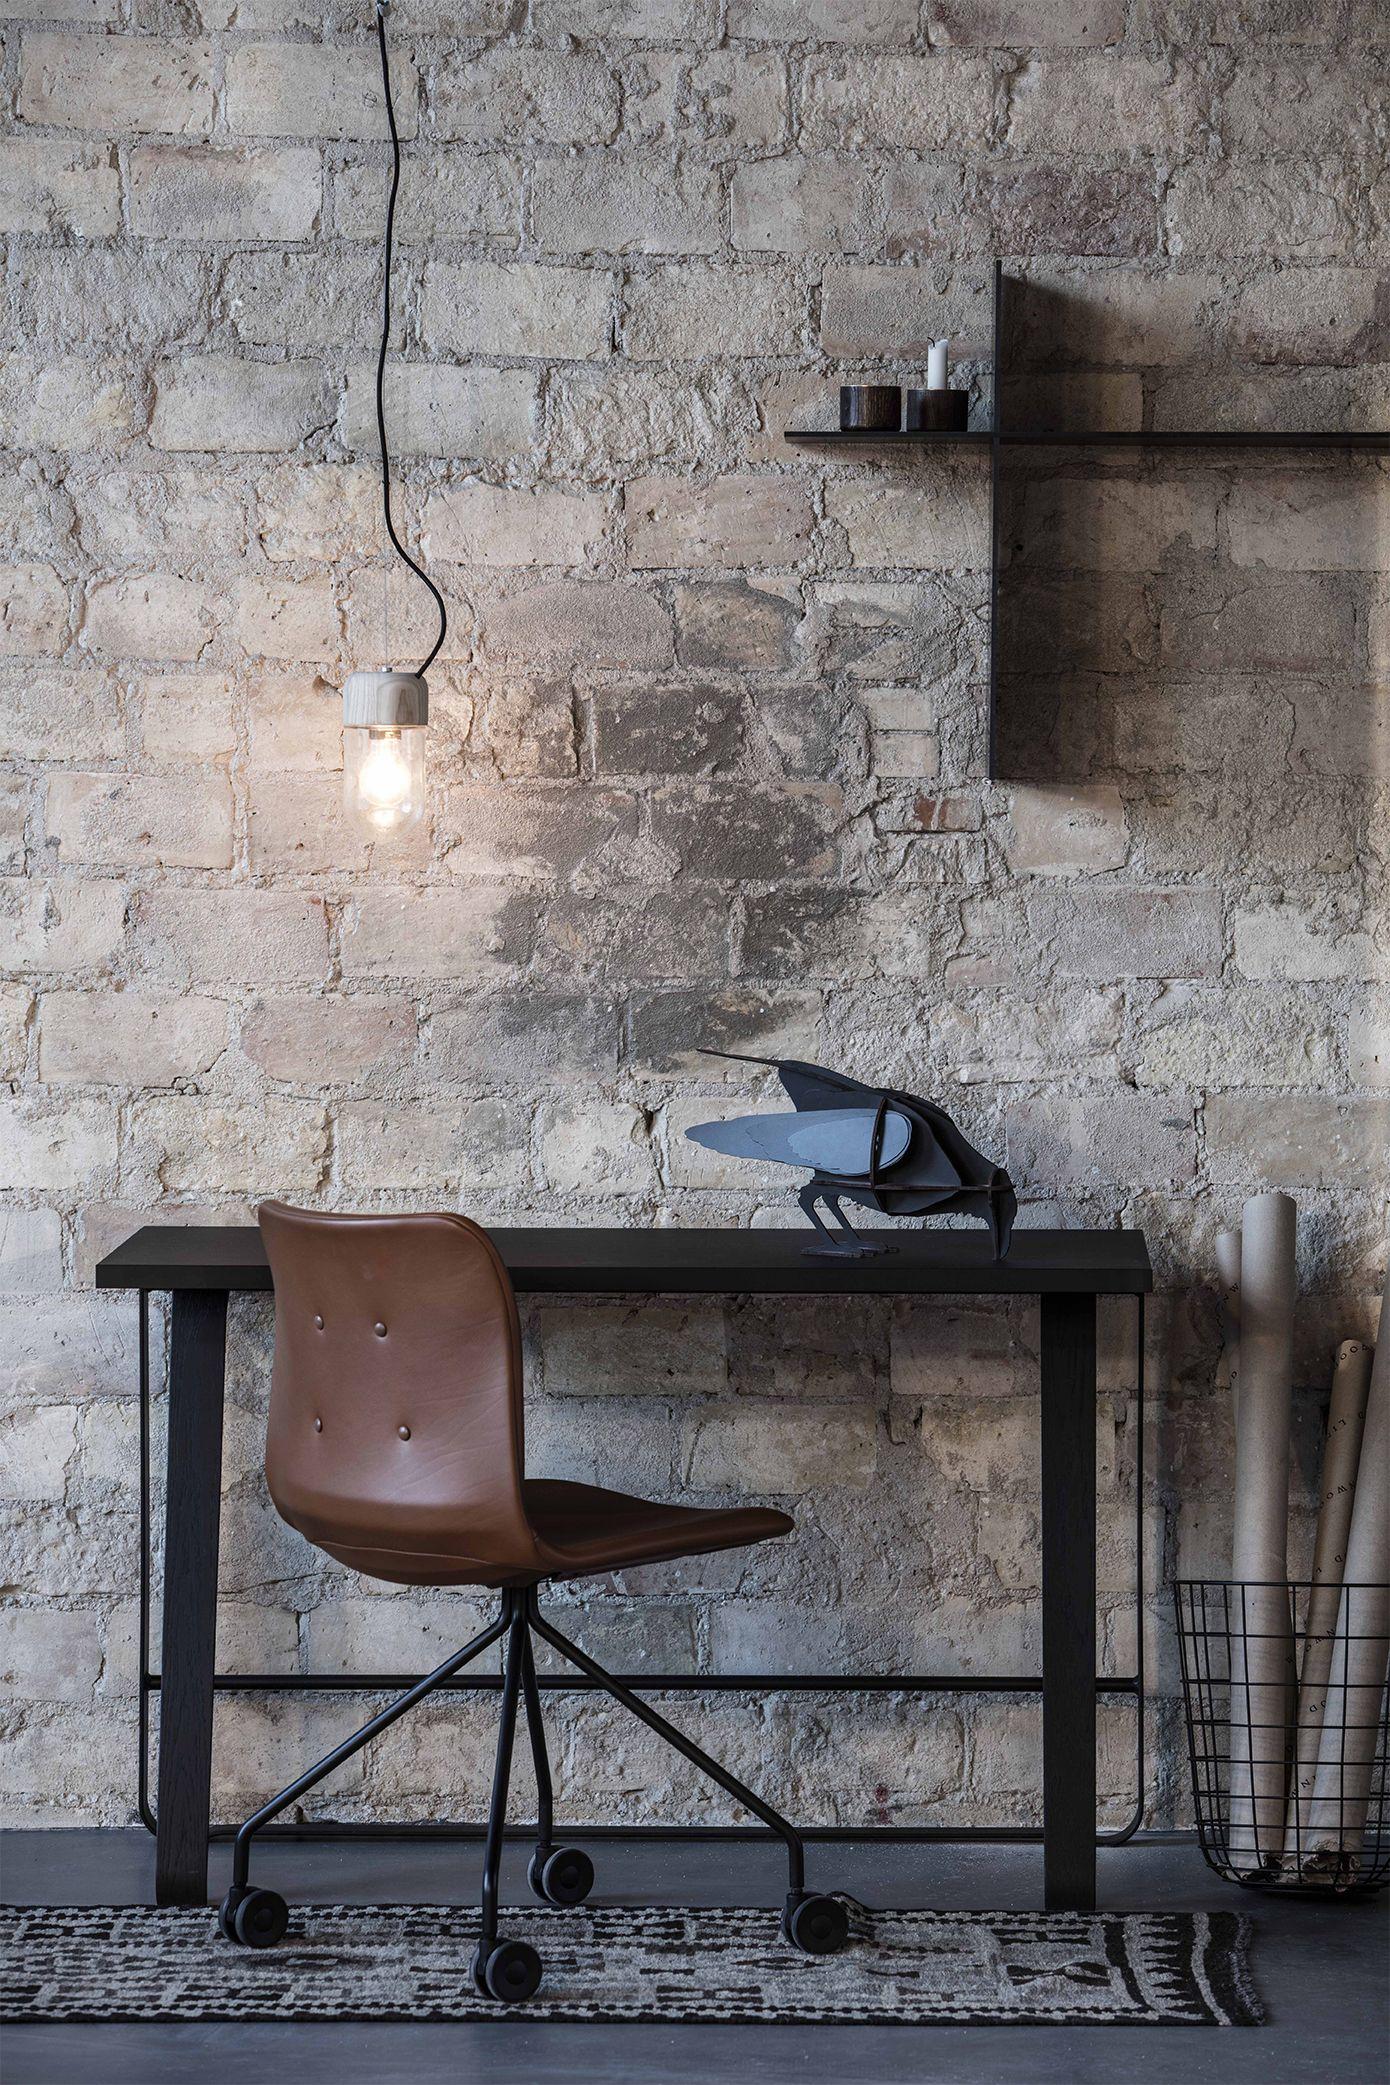 Hemingway desk and Primum Chair designed by Bent Hansen Studio #desk #skrivebord #homeoffice #hjemmekontor #hjemmearbejdsplads #kontor